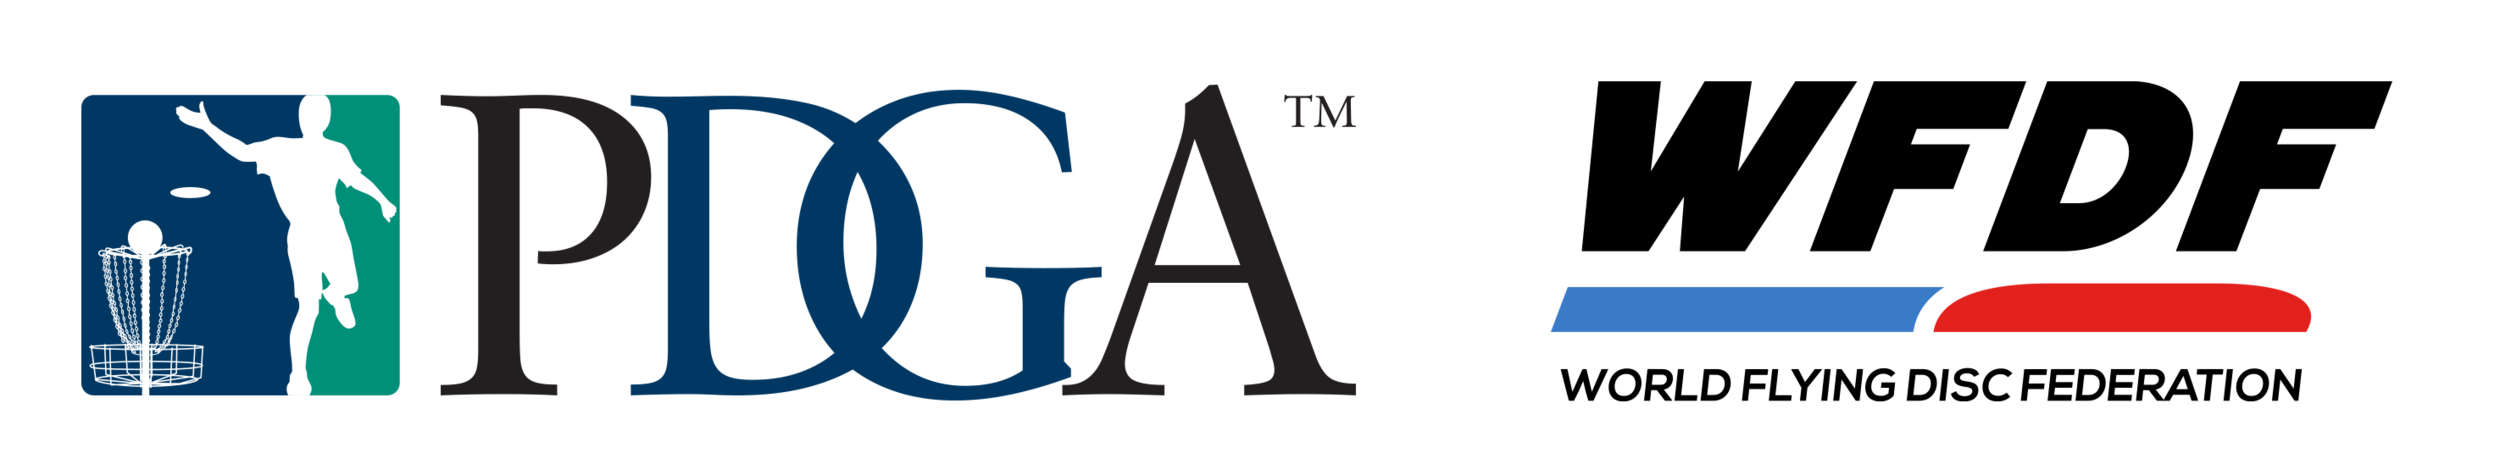 PDGA-WFDF-logos-transp.png